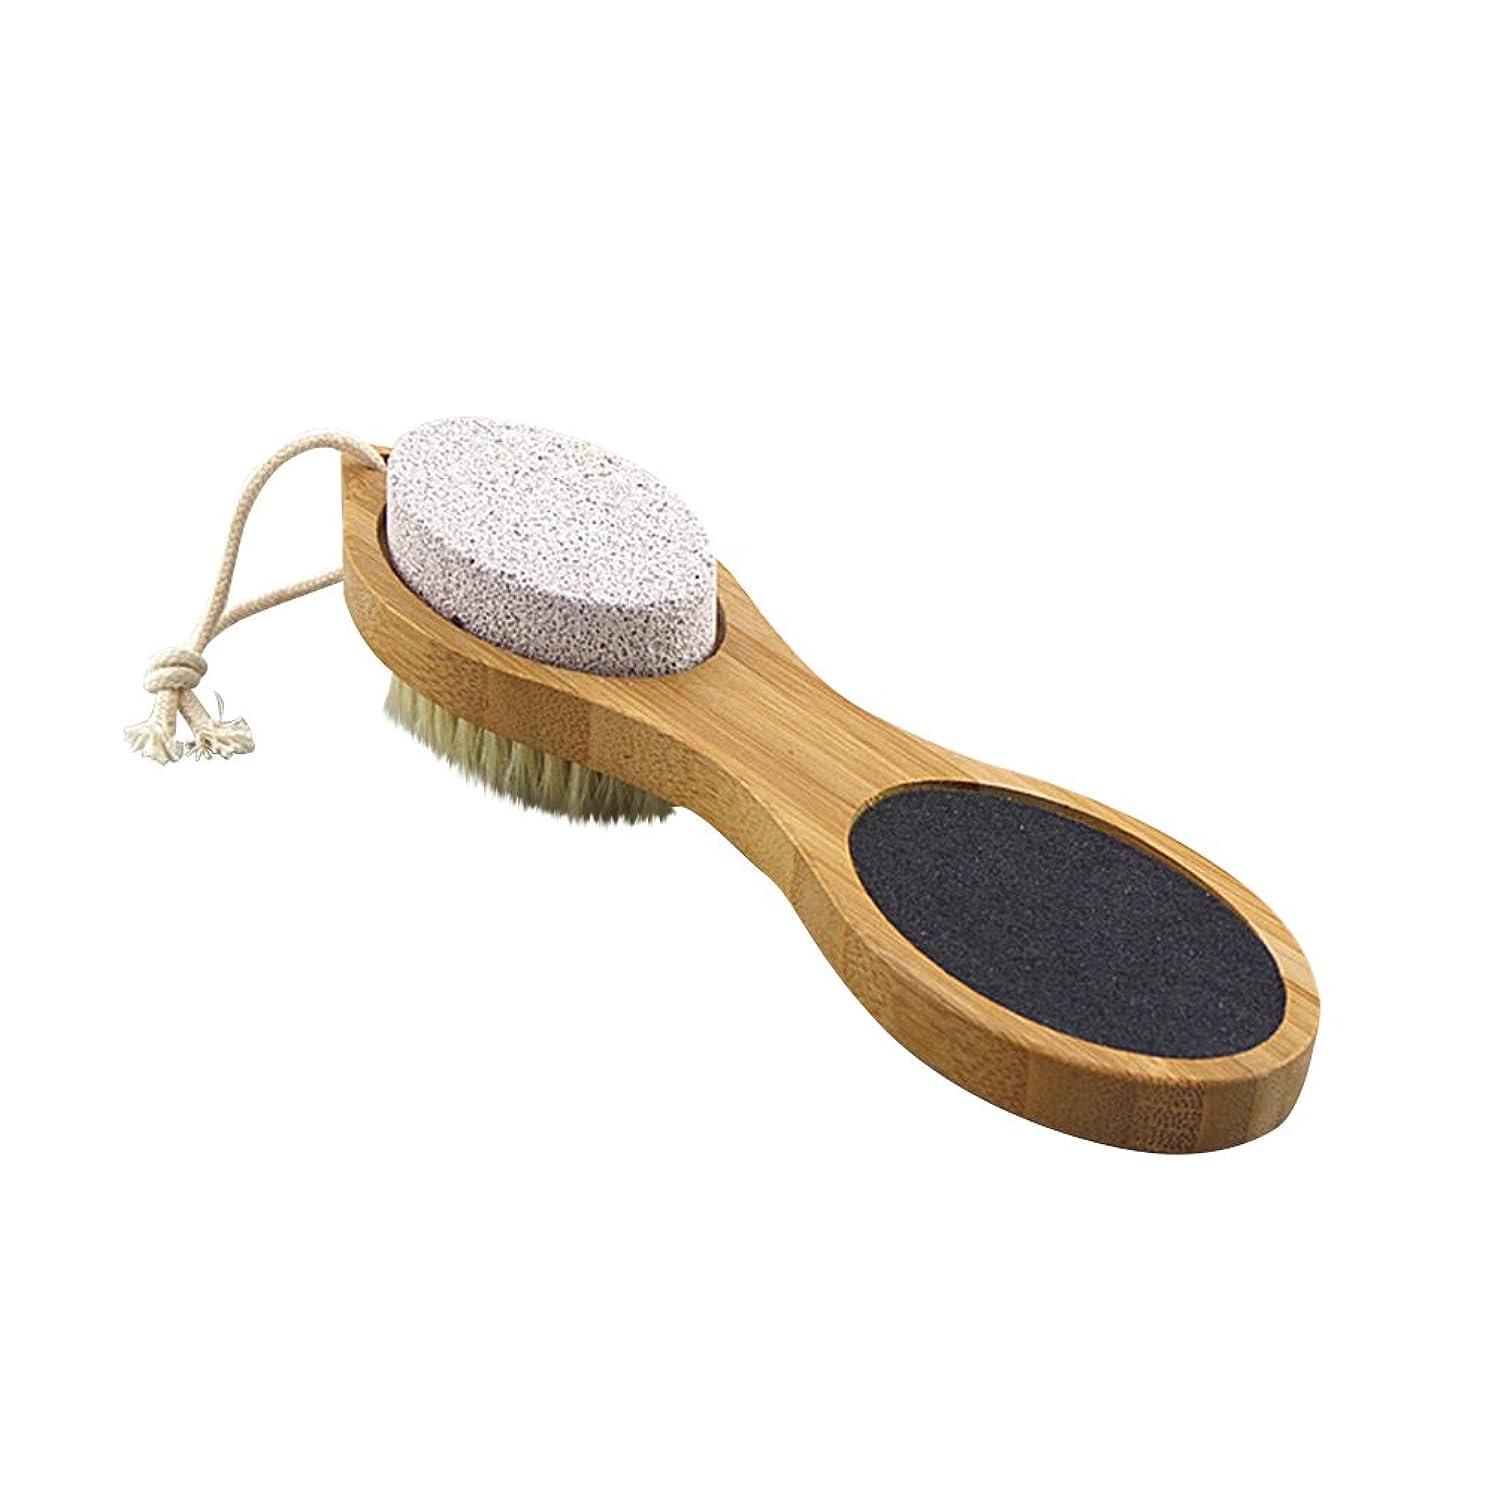 因子敵意議論するULTNICE 足ブラシ 角質除去 毛ブラシ?砂ブラシ?軽石ブラシ?鋼ブラシ ボディブラシ フットマッサージ